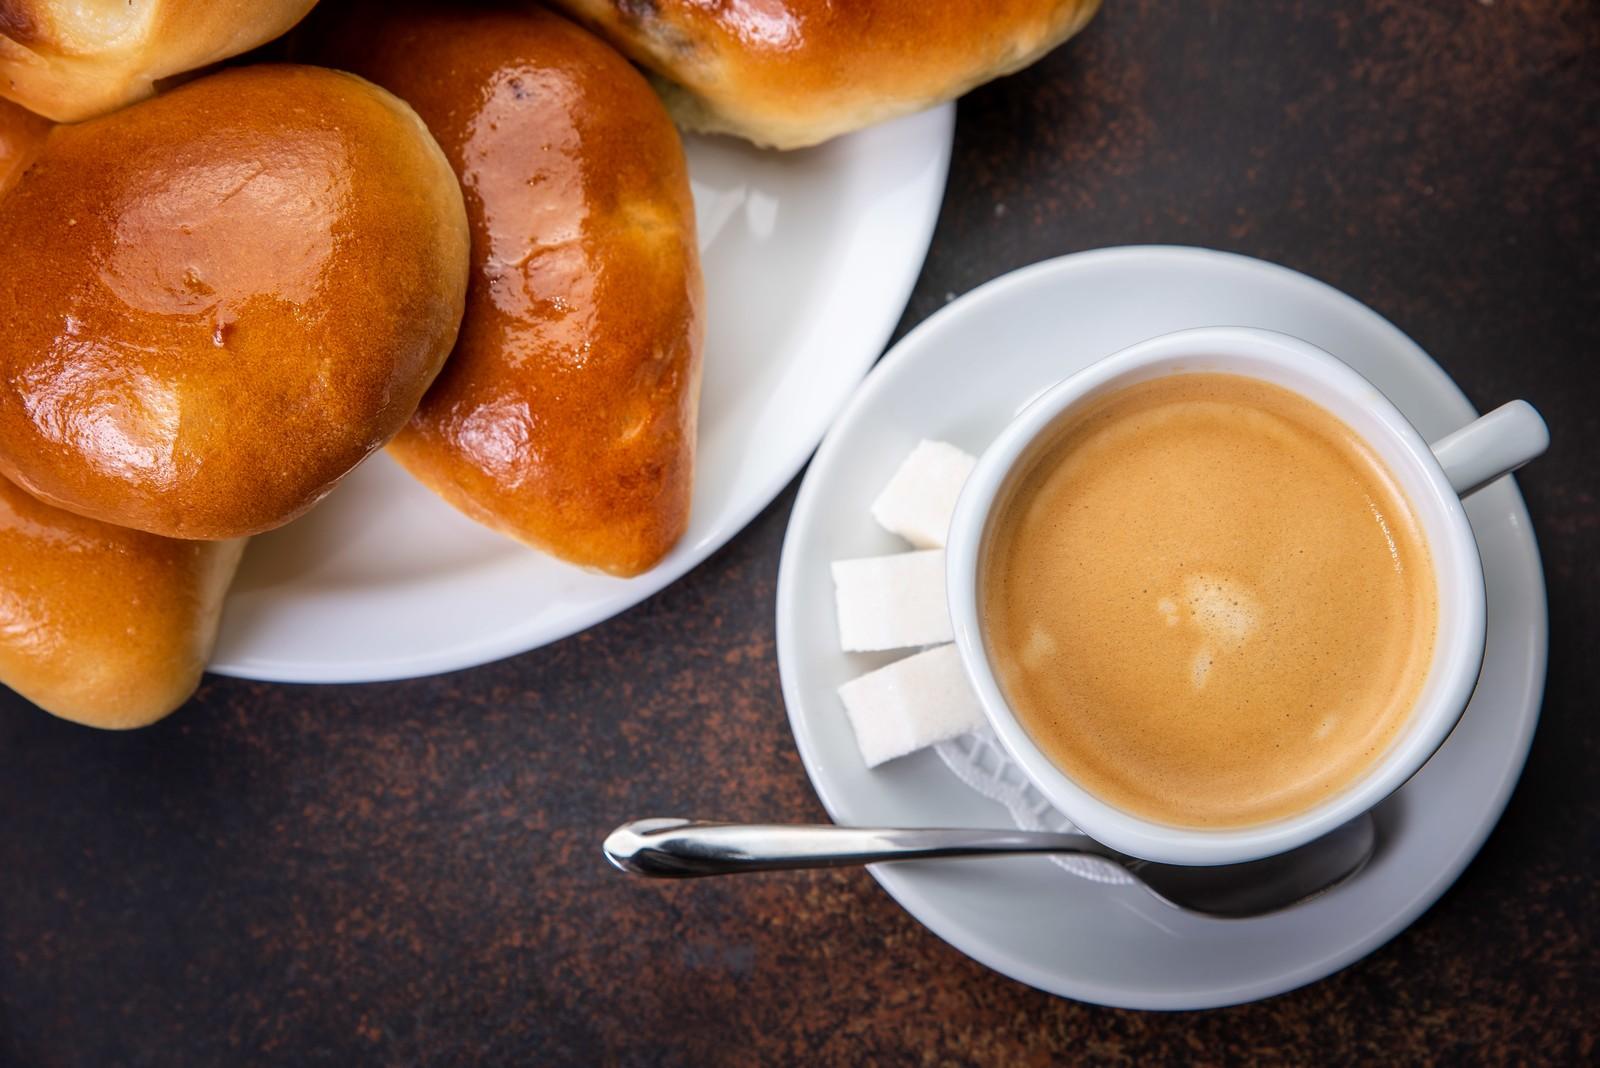 Als Frühstück gilt das nicht – und ist damit lohnsteuerfrei.